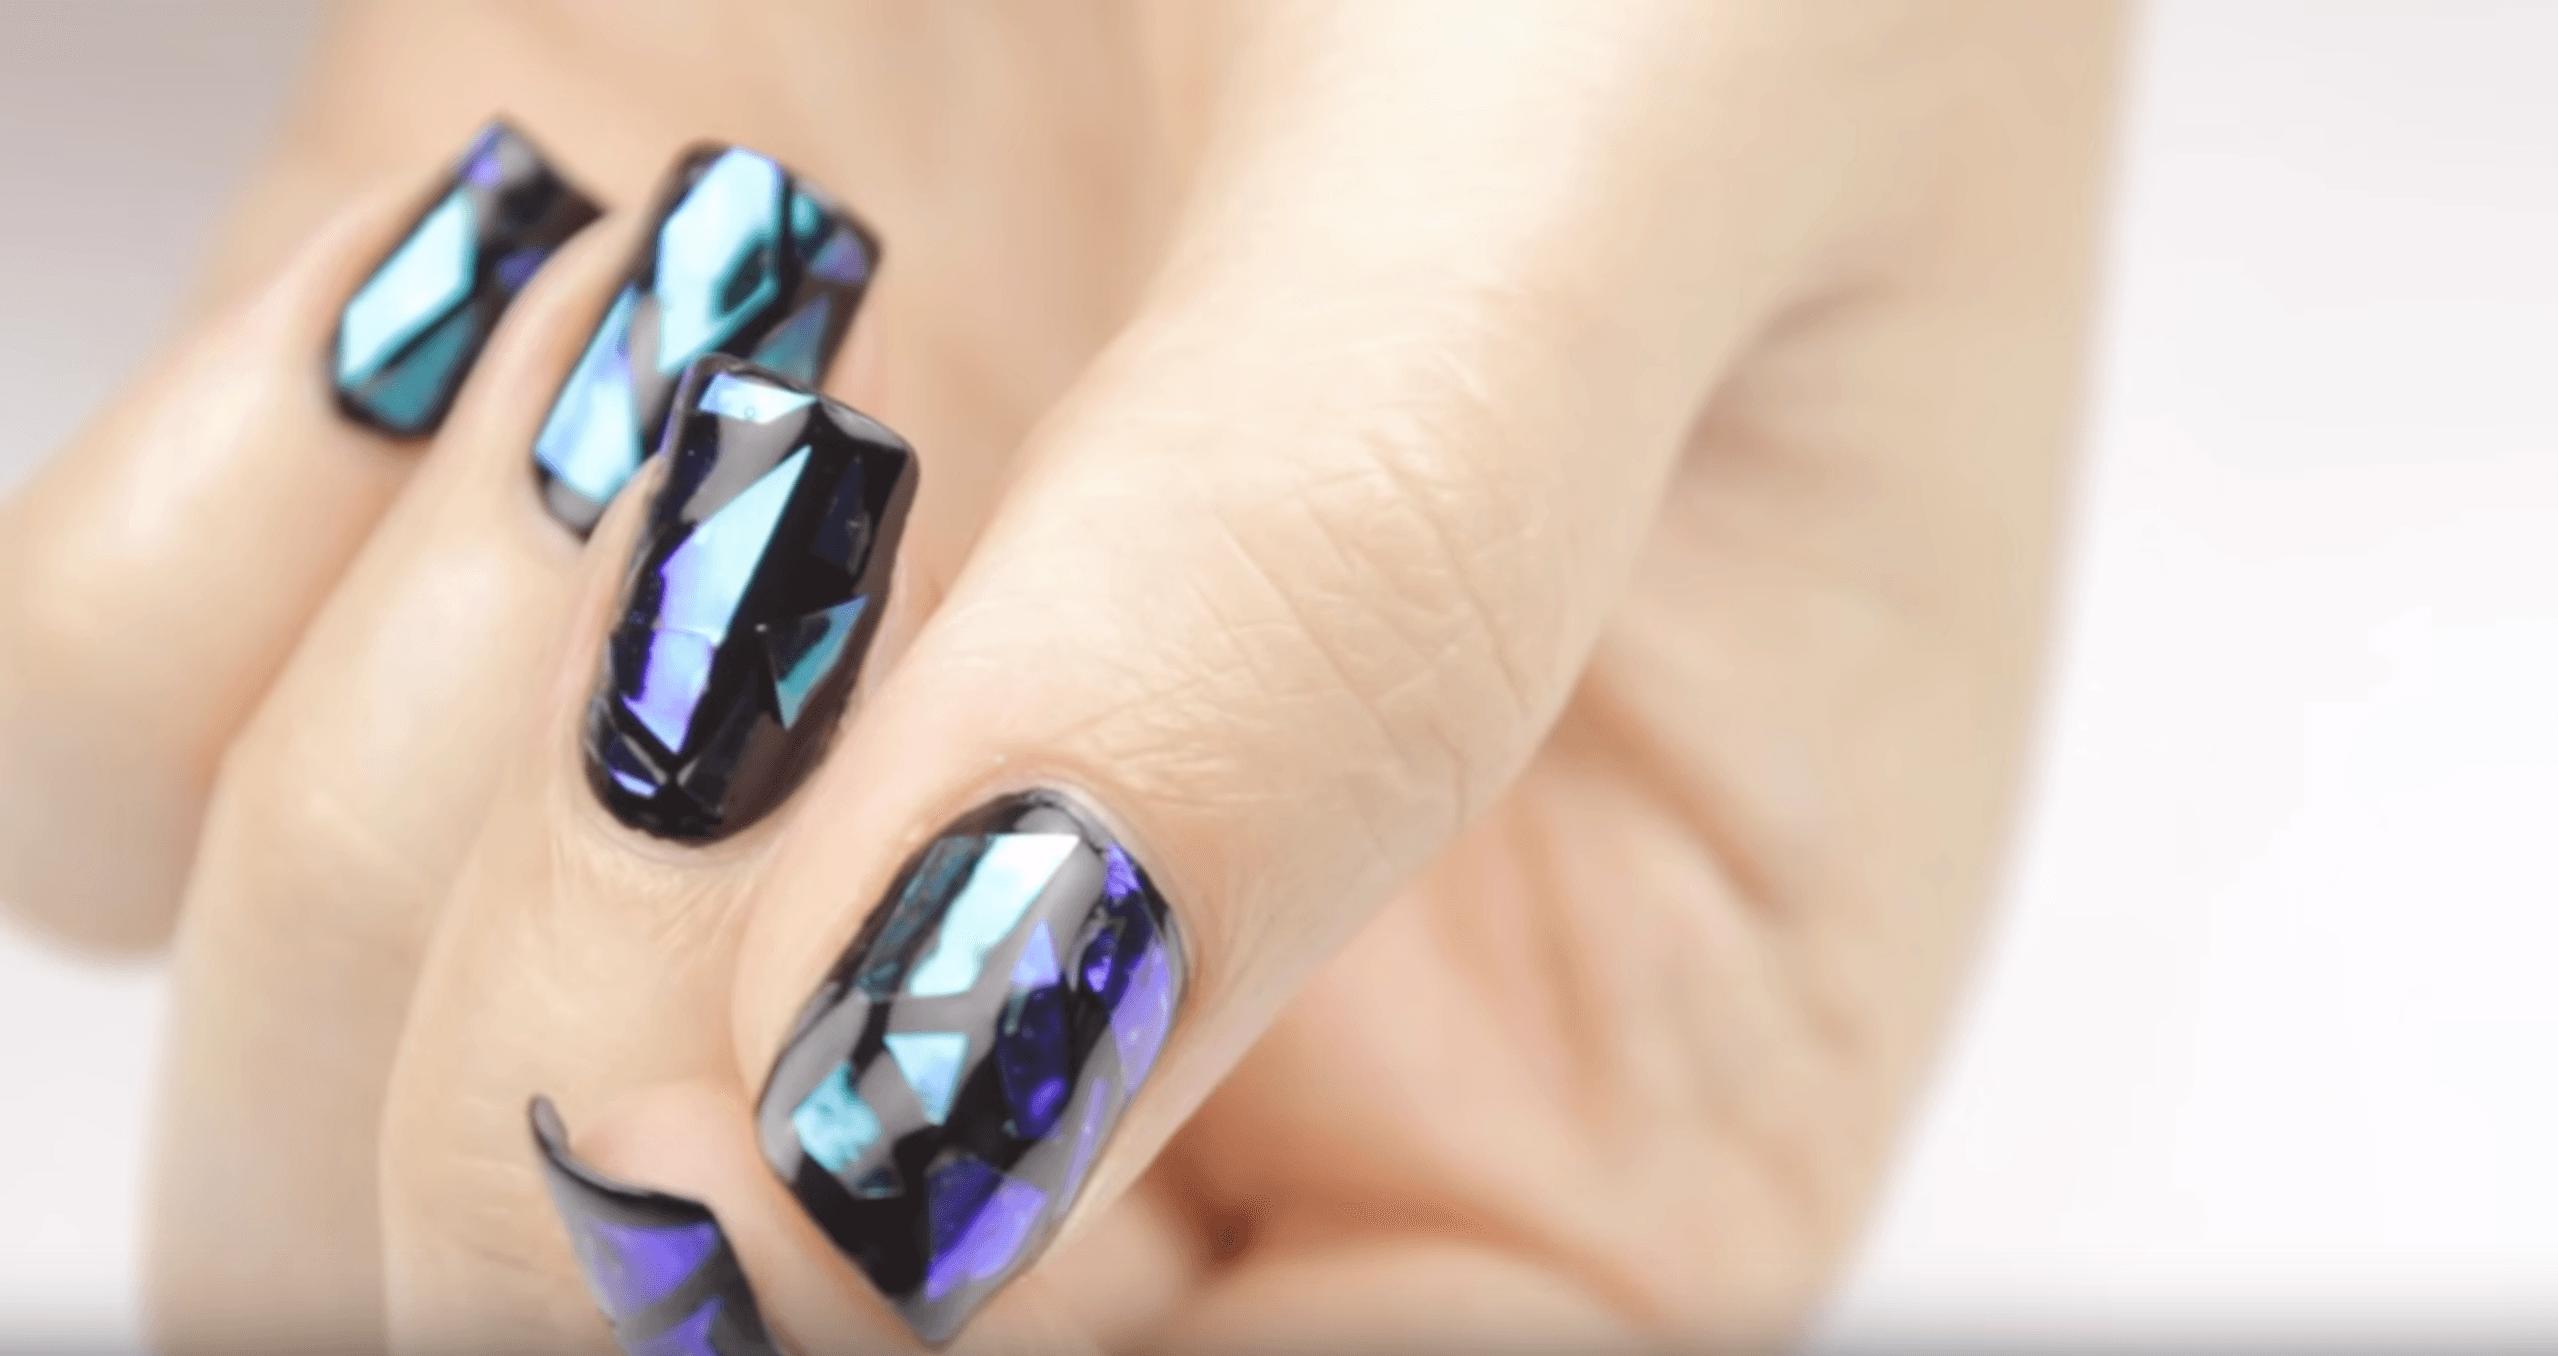 Dark glass nails | Makeup & Nails | Pinterest | Makeup